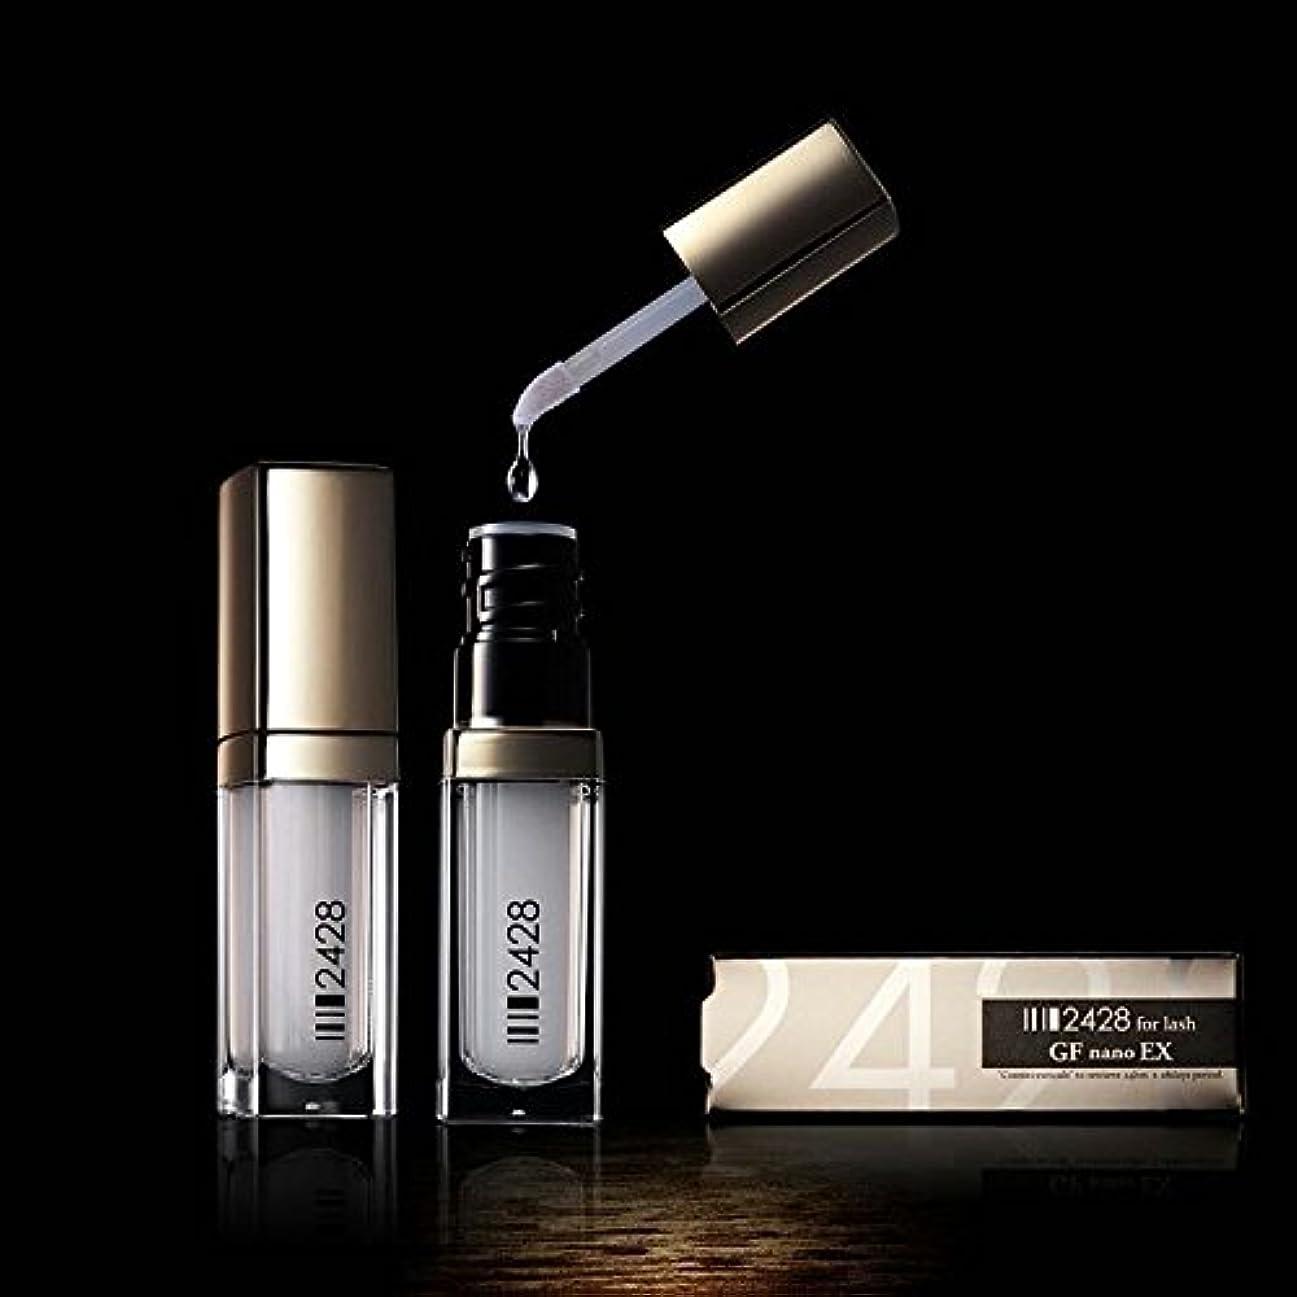 メニューオーストラリアシニス美容液2428 for lash GF nano EX まつげ美容液